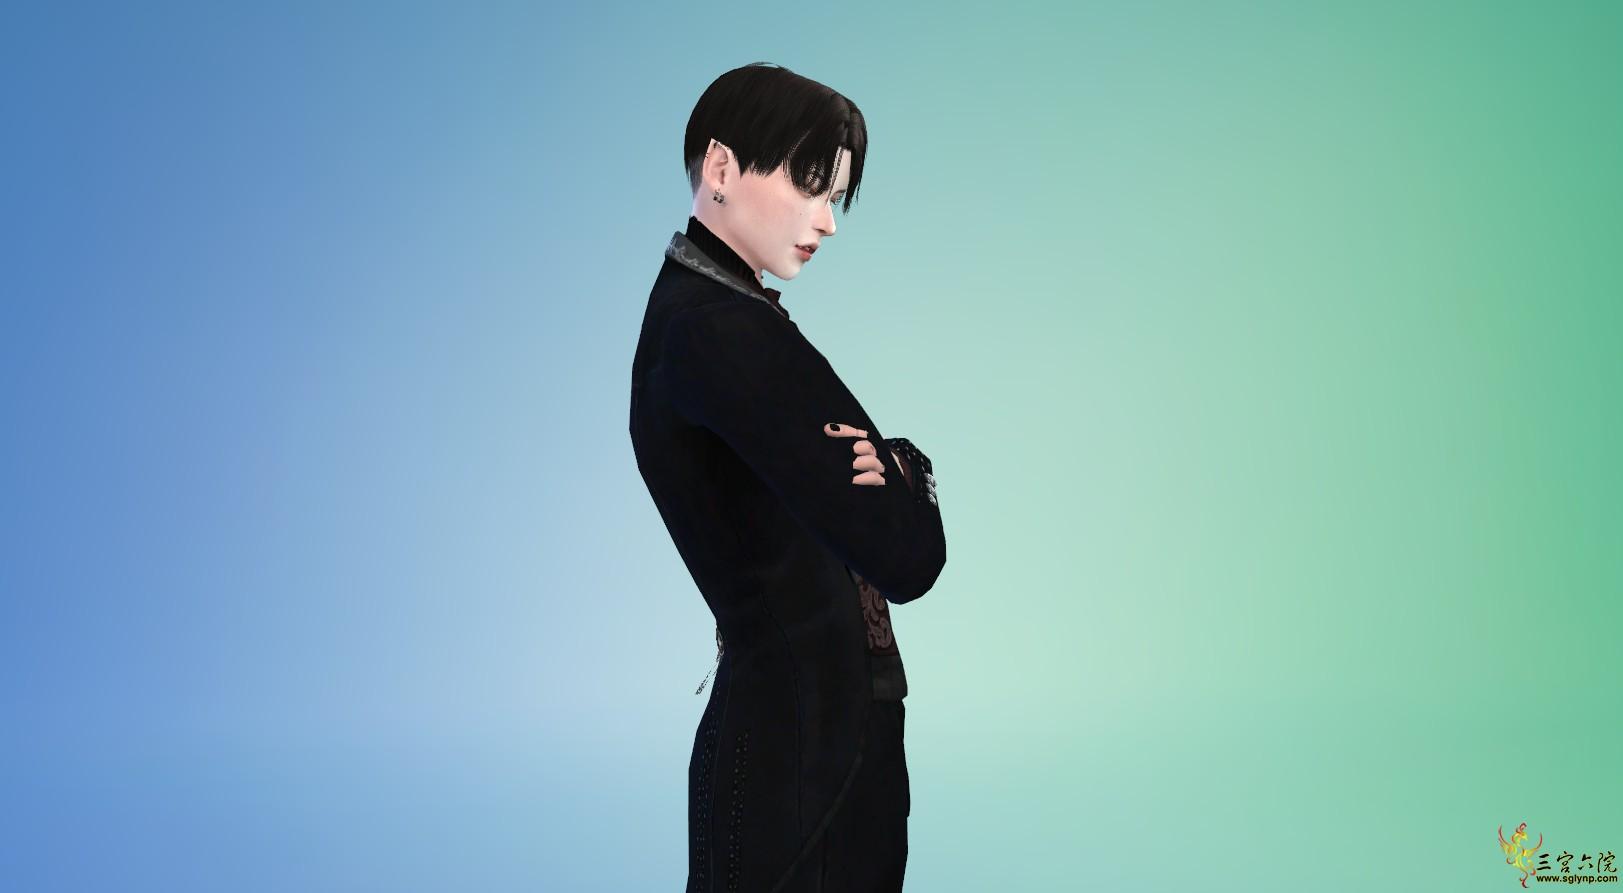 李慕白小王子